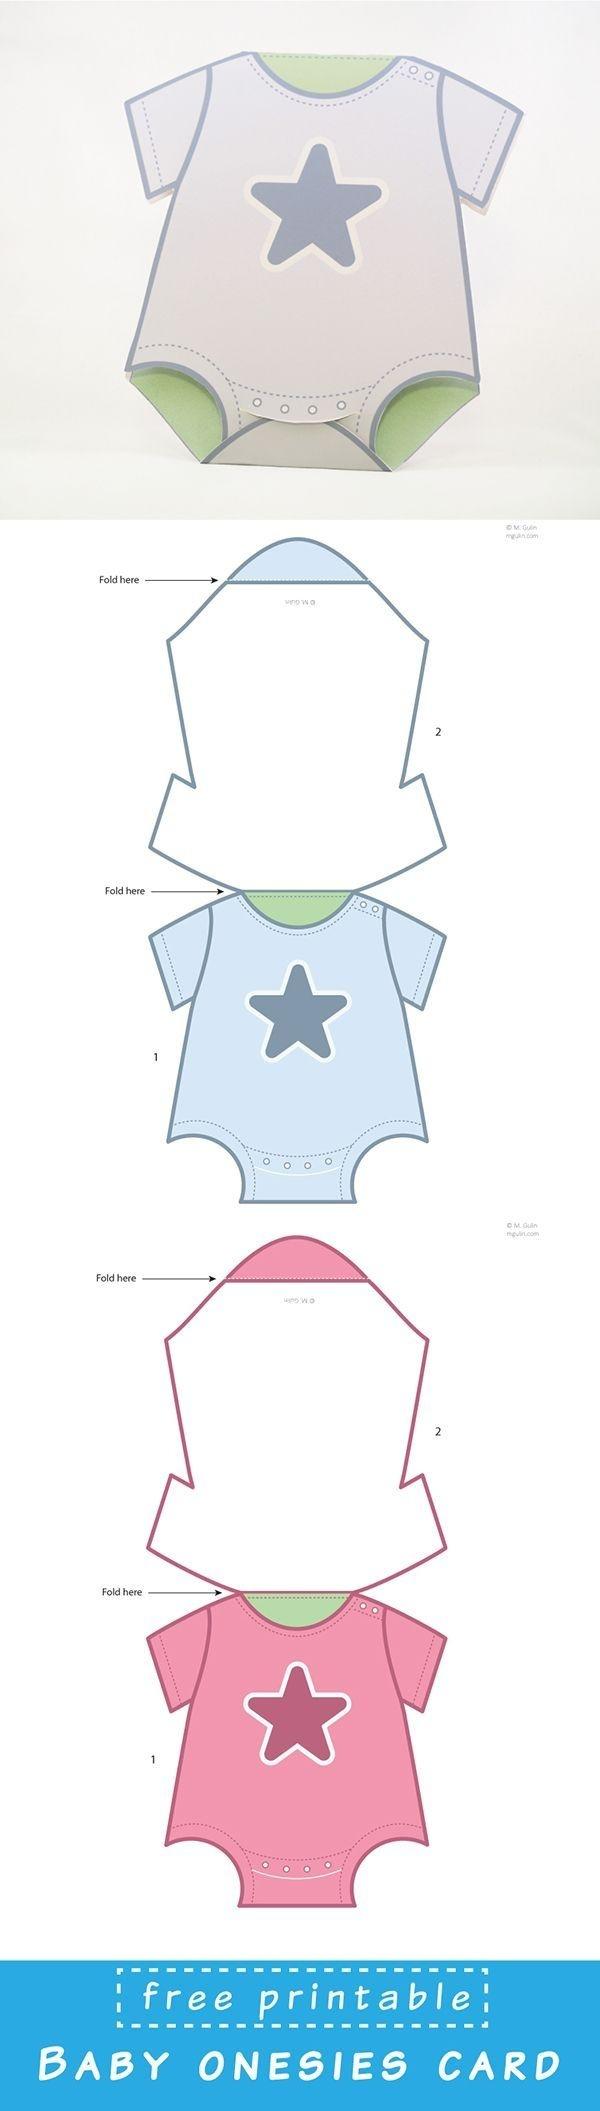 Free Printable Baby Onesies Card Template. Just Dowload And Assemble - Free Printable Onesies